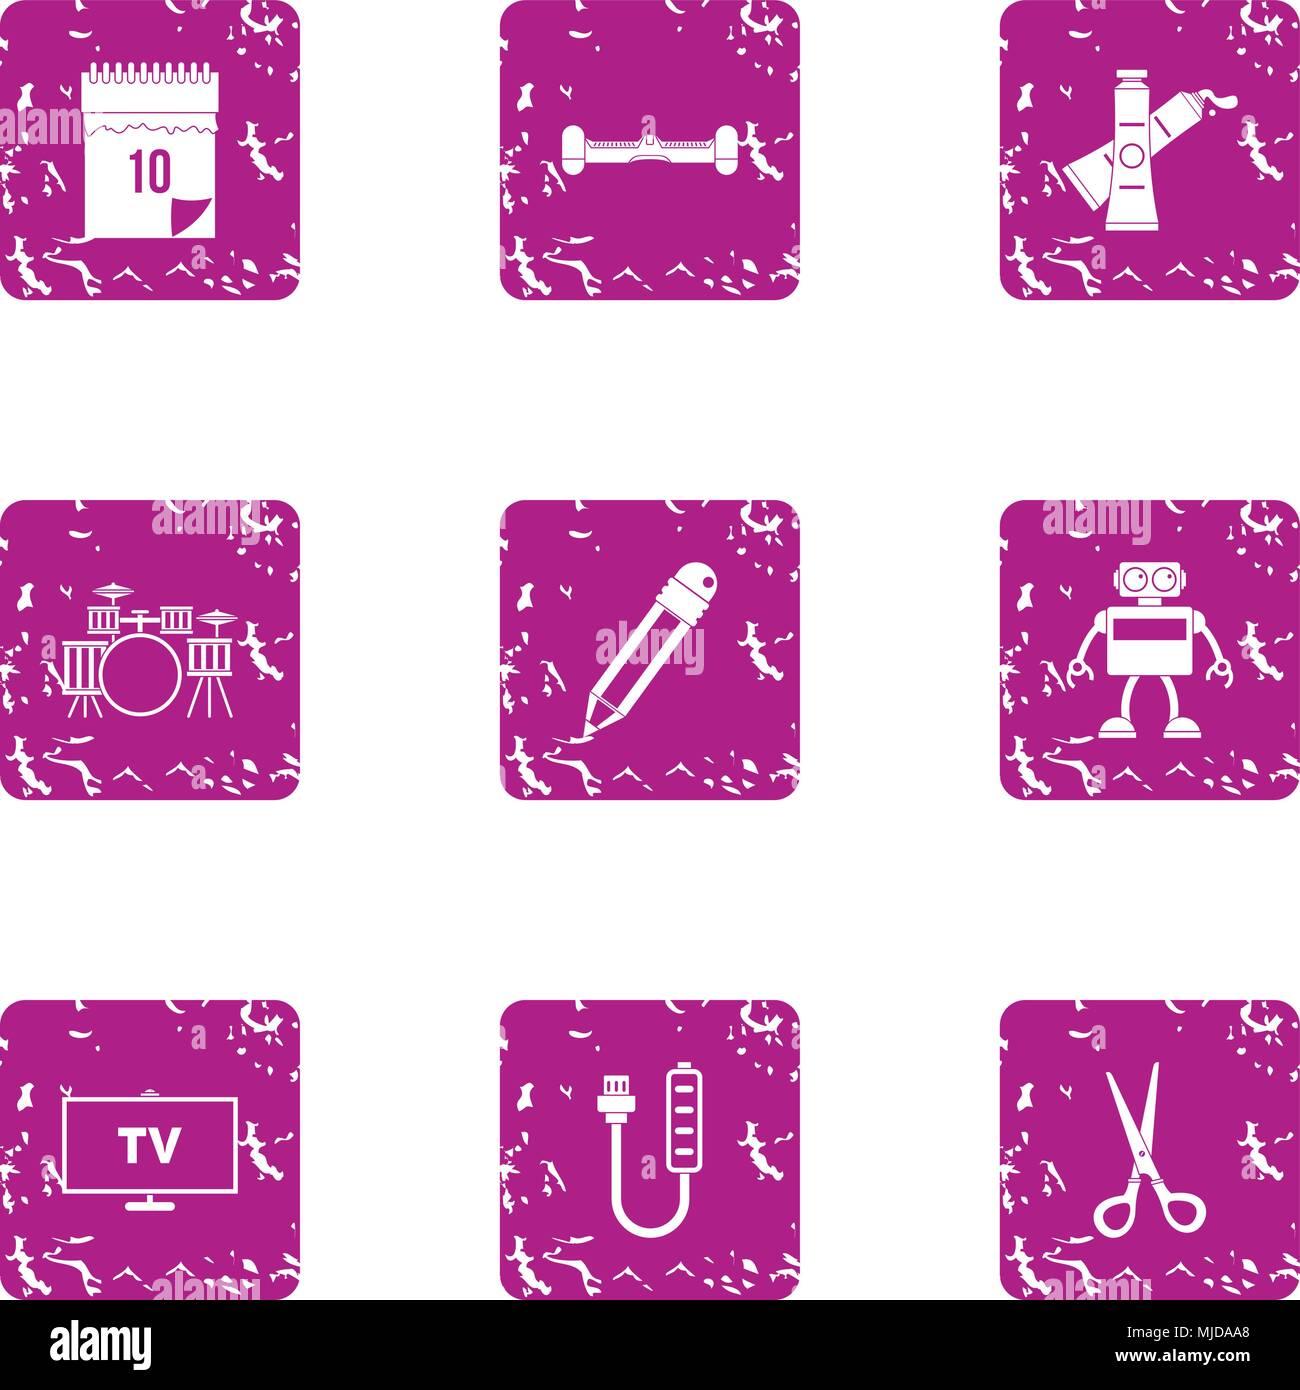 TV program icons set, grunge style - Stock Image